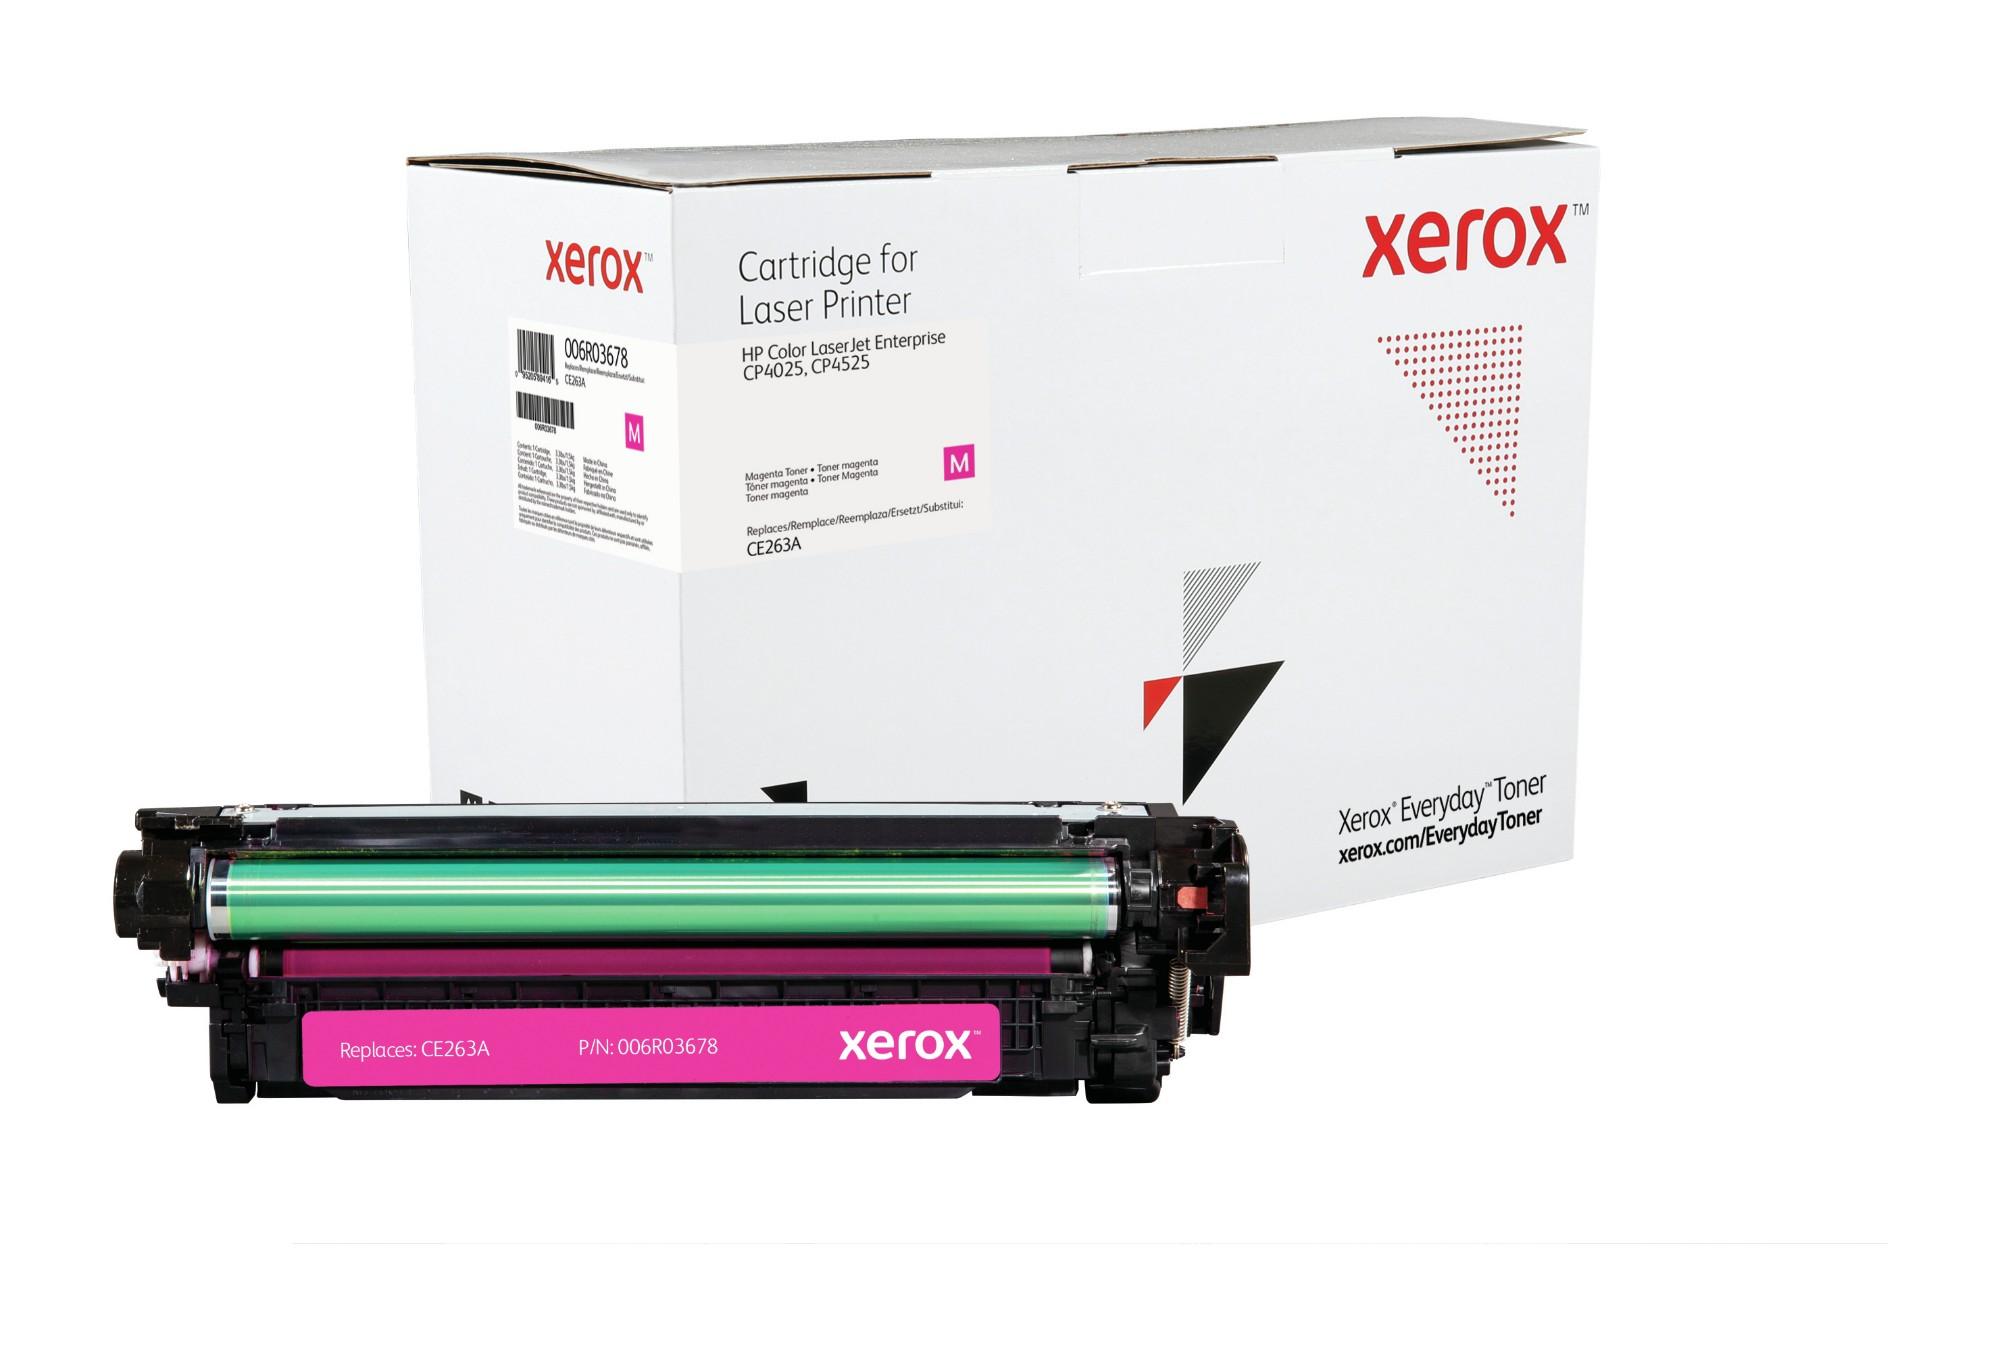 Xerox Tóner Magenta Everyday, HP CE263A equivalente de , 11000 páginas